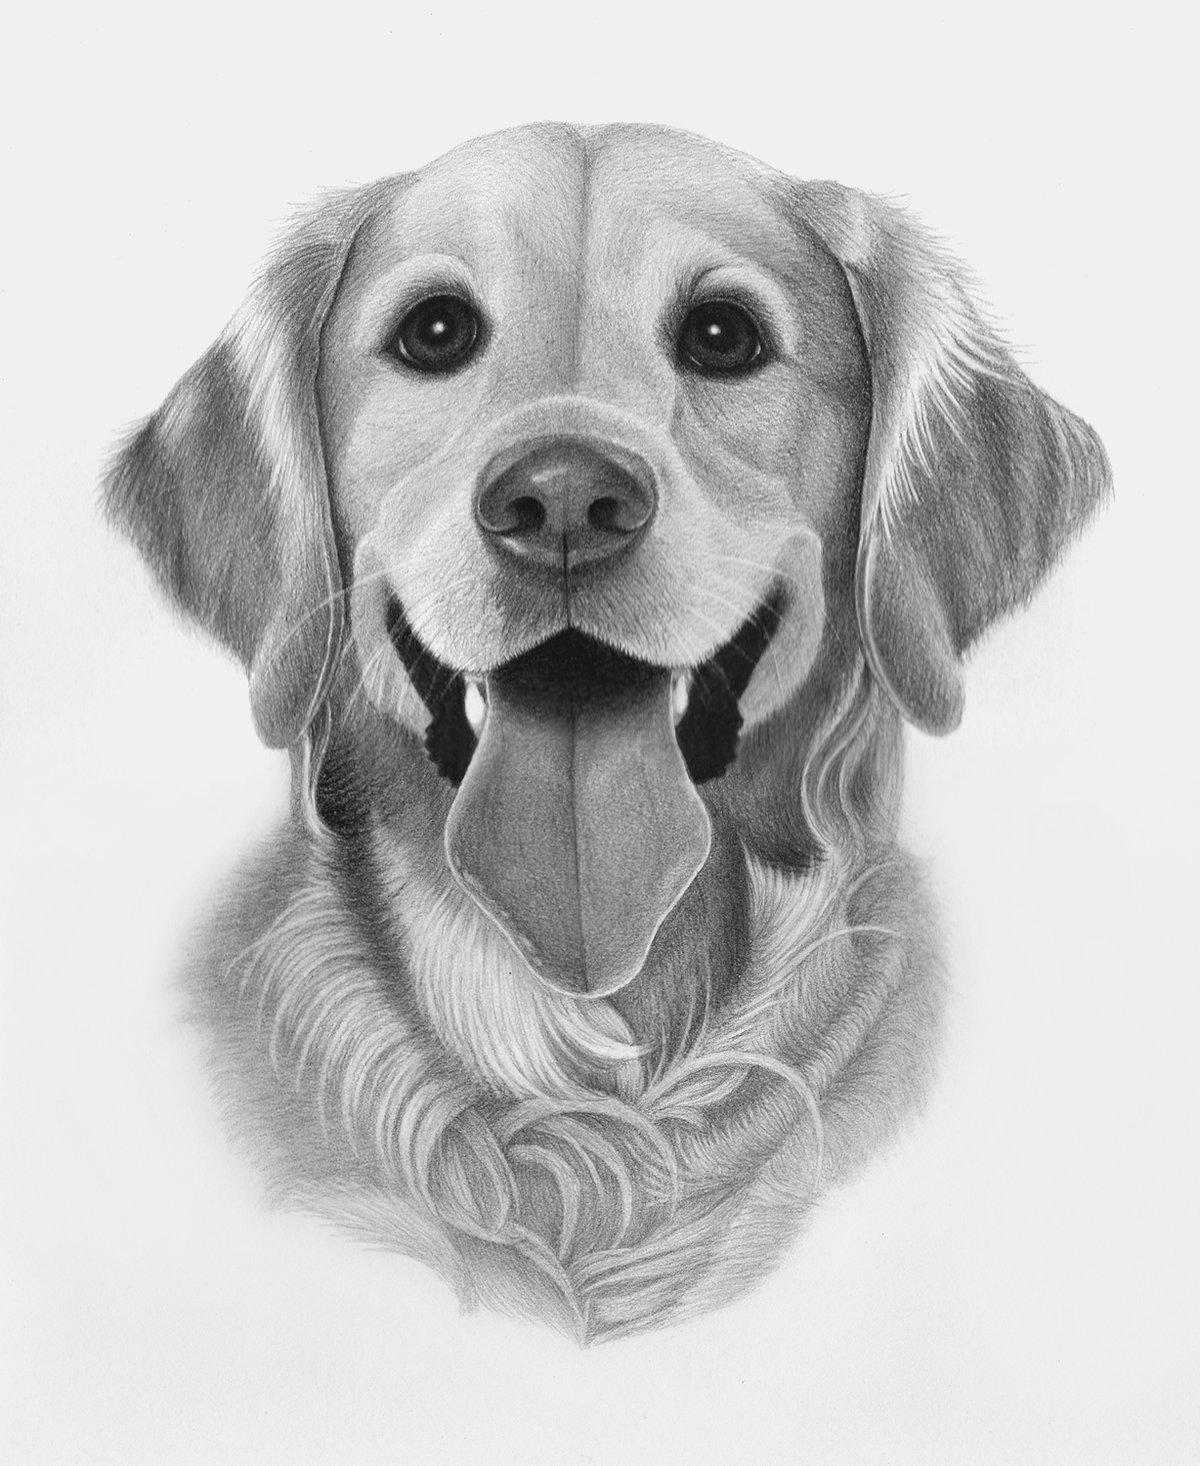 Напечатать открытки, рисованные карандашом картинки собачек прикольные